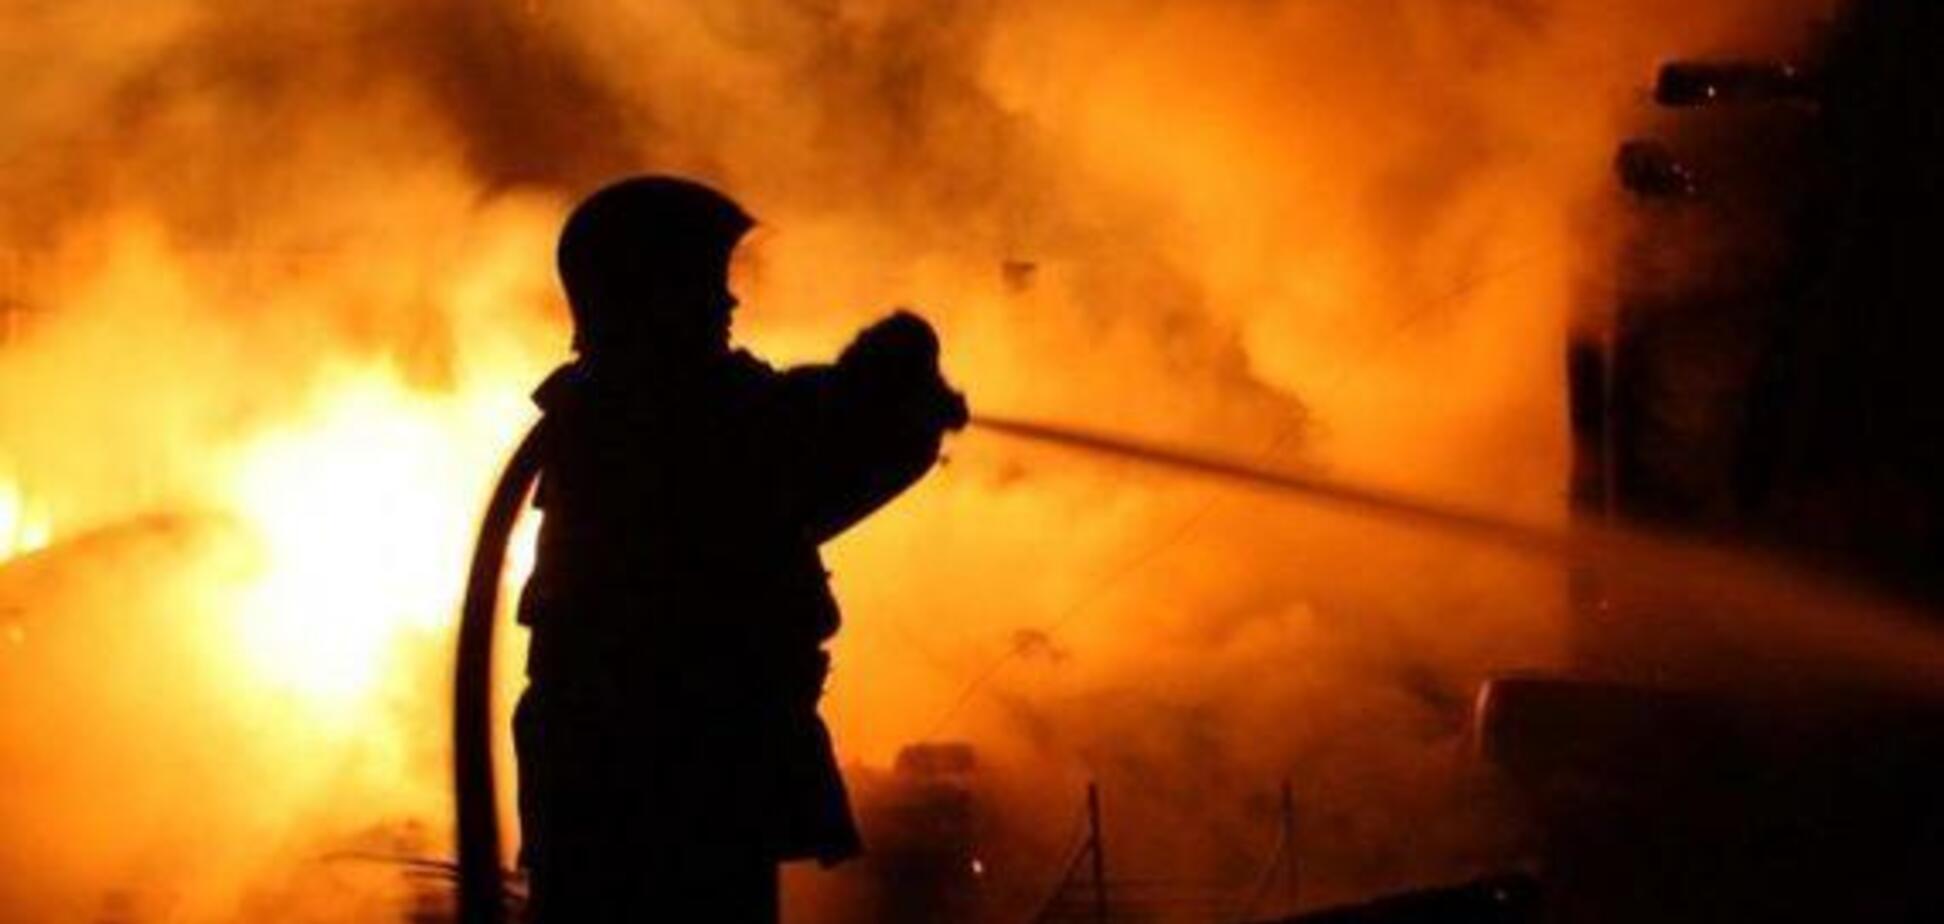 Вогонь заблокував вихід: під Дніпром рятувальники винесли з пожежі чотирьох осіб